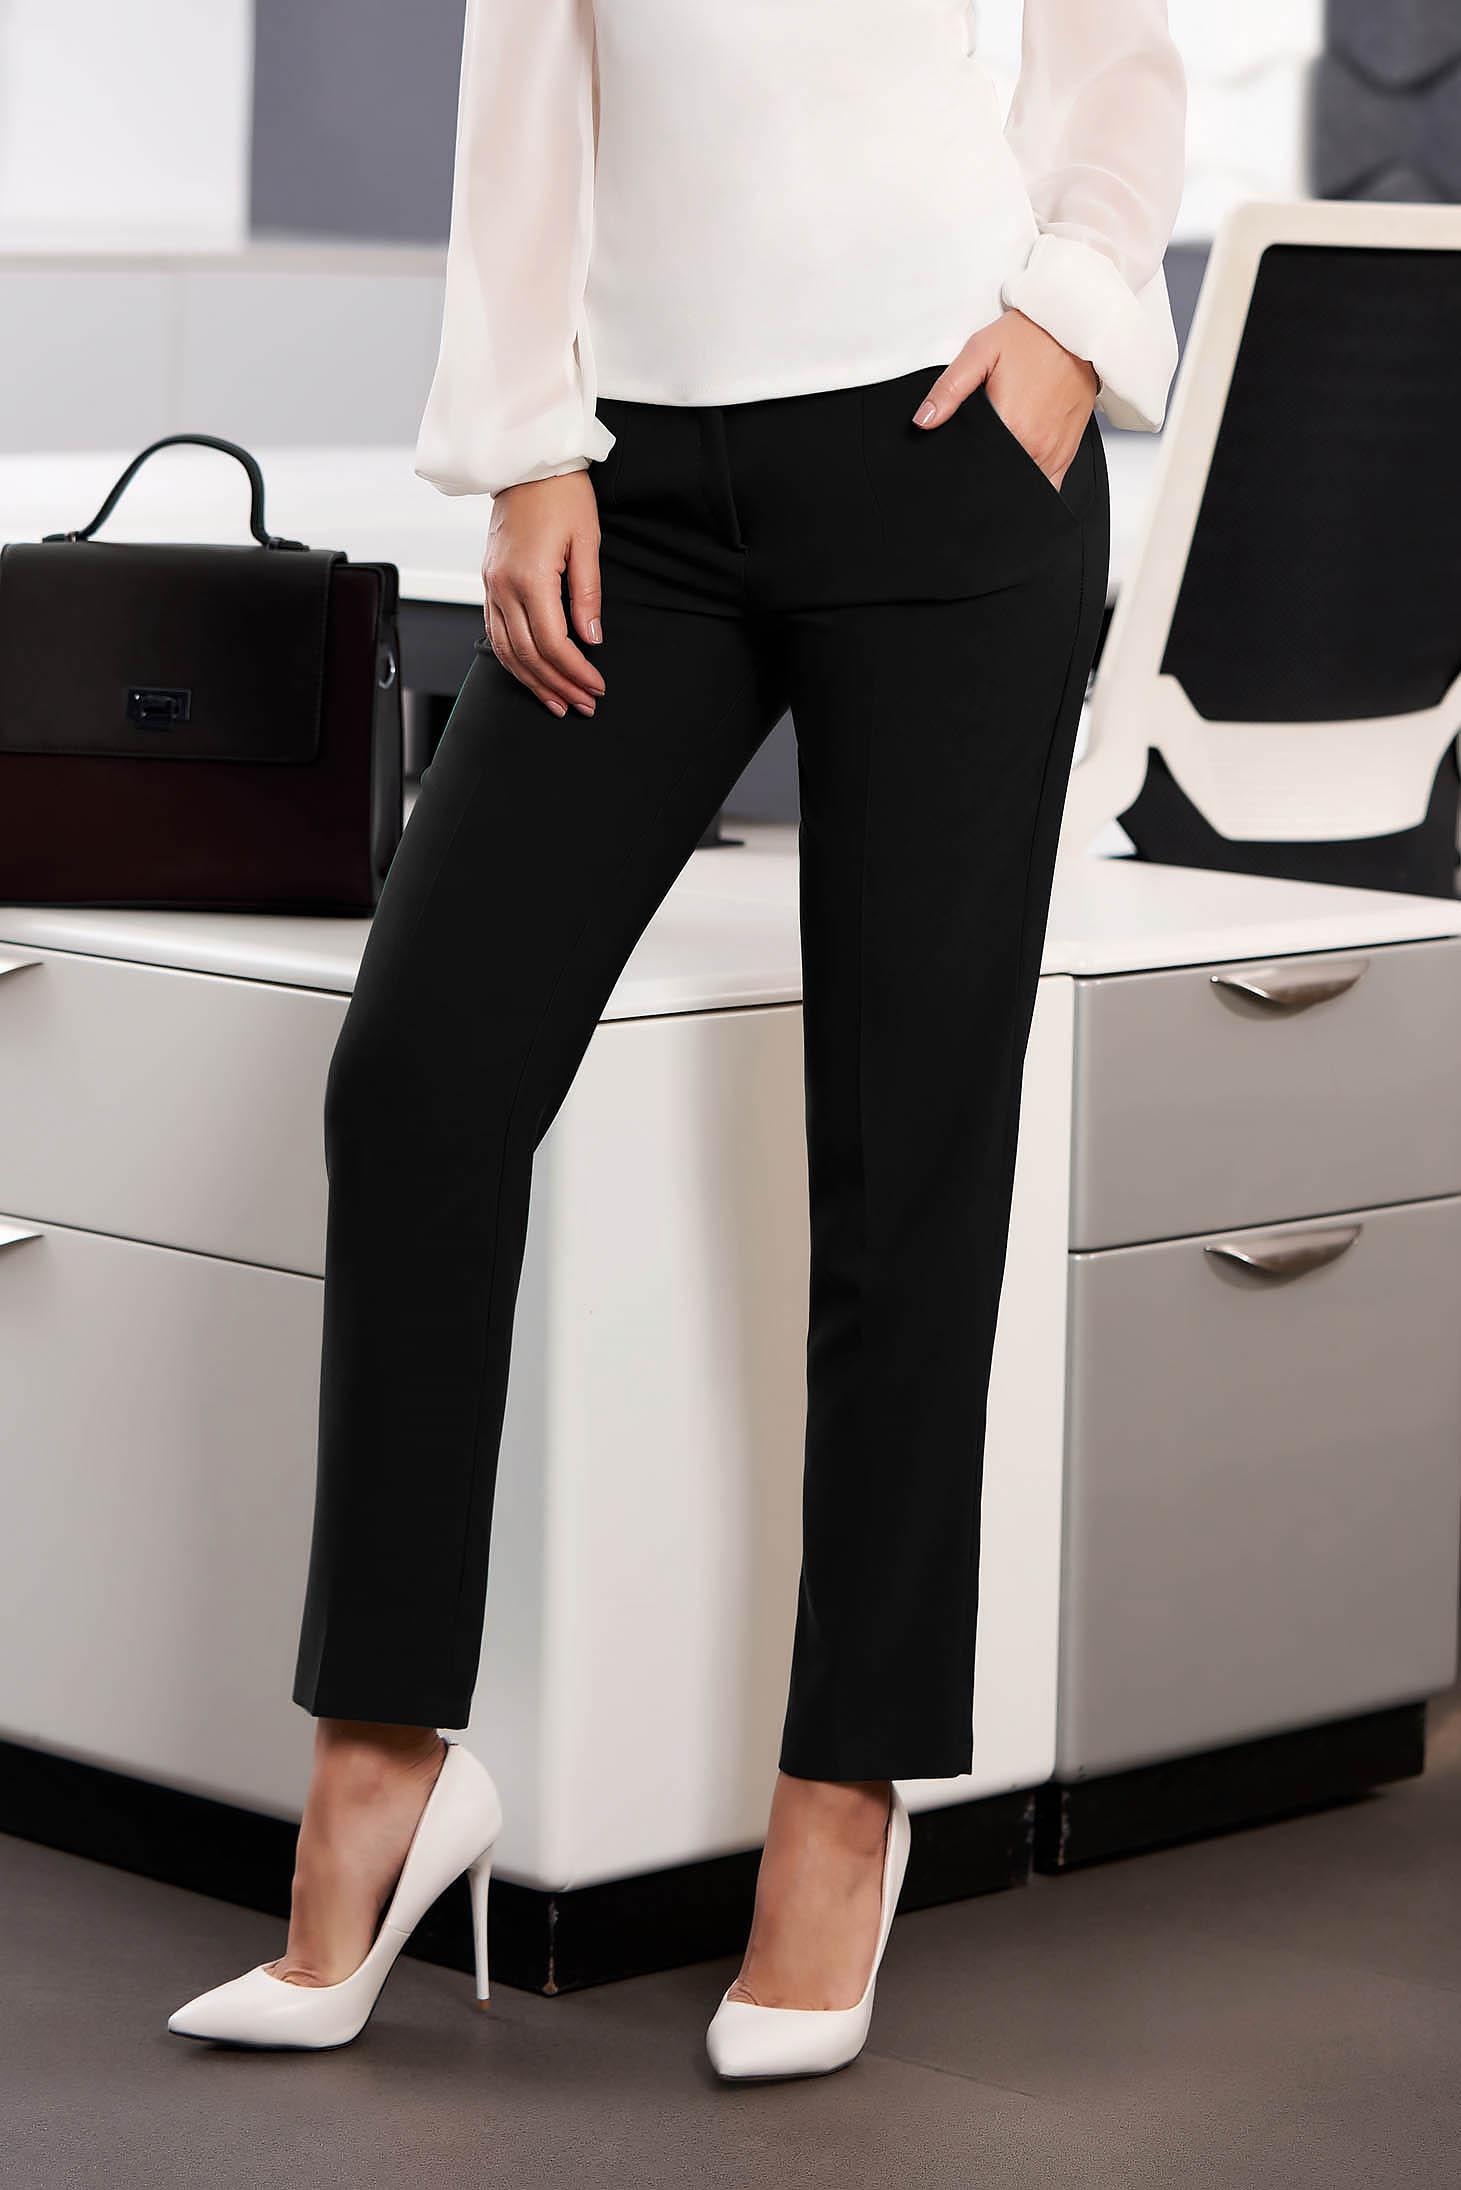 Fekete irodai egyenes szabású zsebes nadrág enyhén rugalmas szövetből